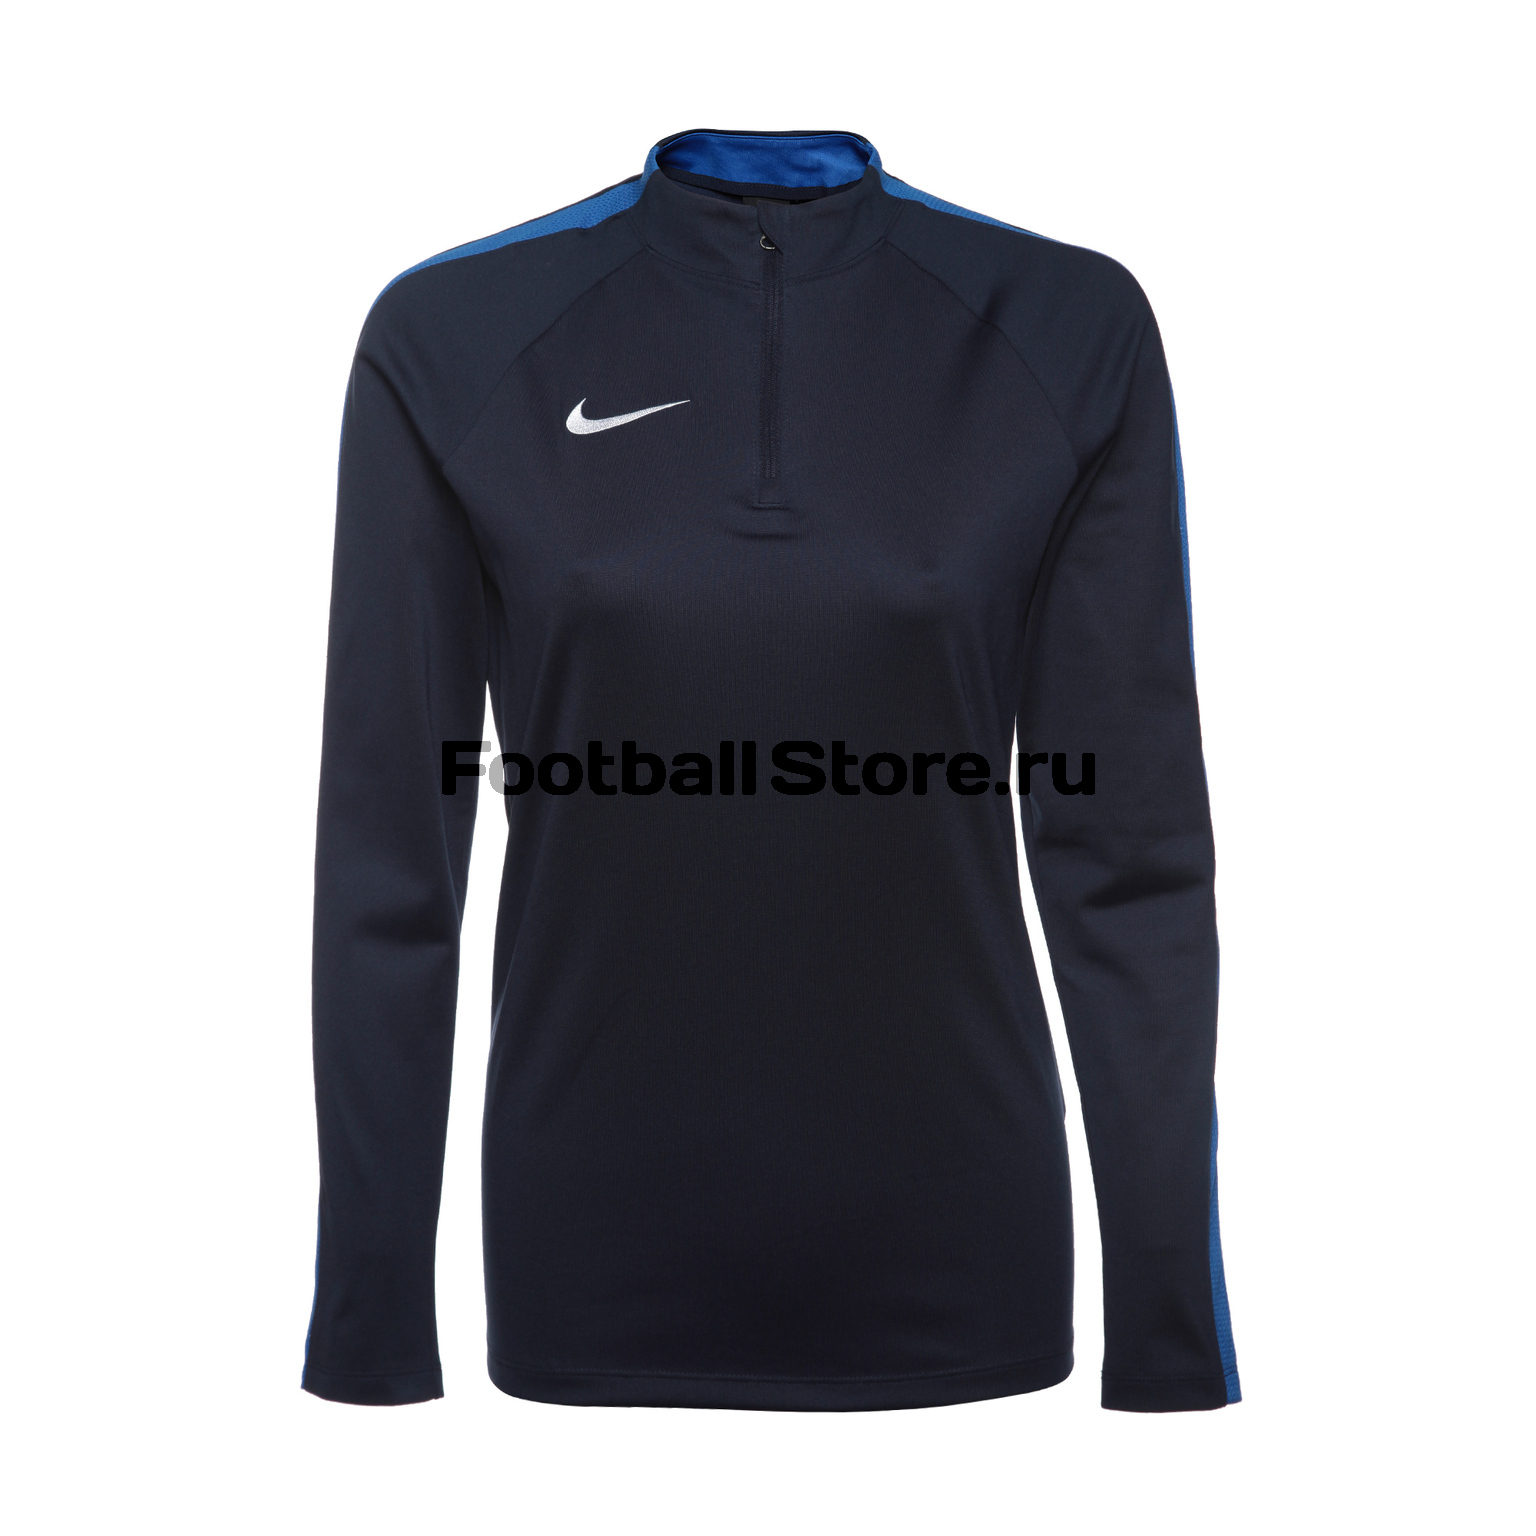 Свитер тренировочный женский Nike Academy 893710-451 свитер тренировочный nike academy 839344 451